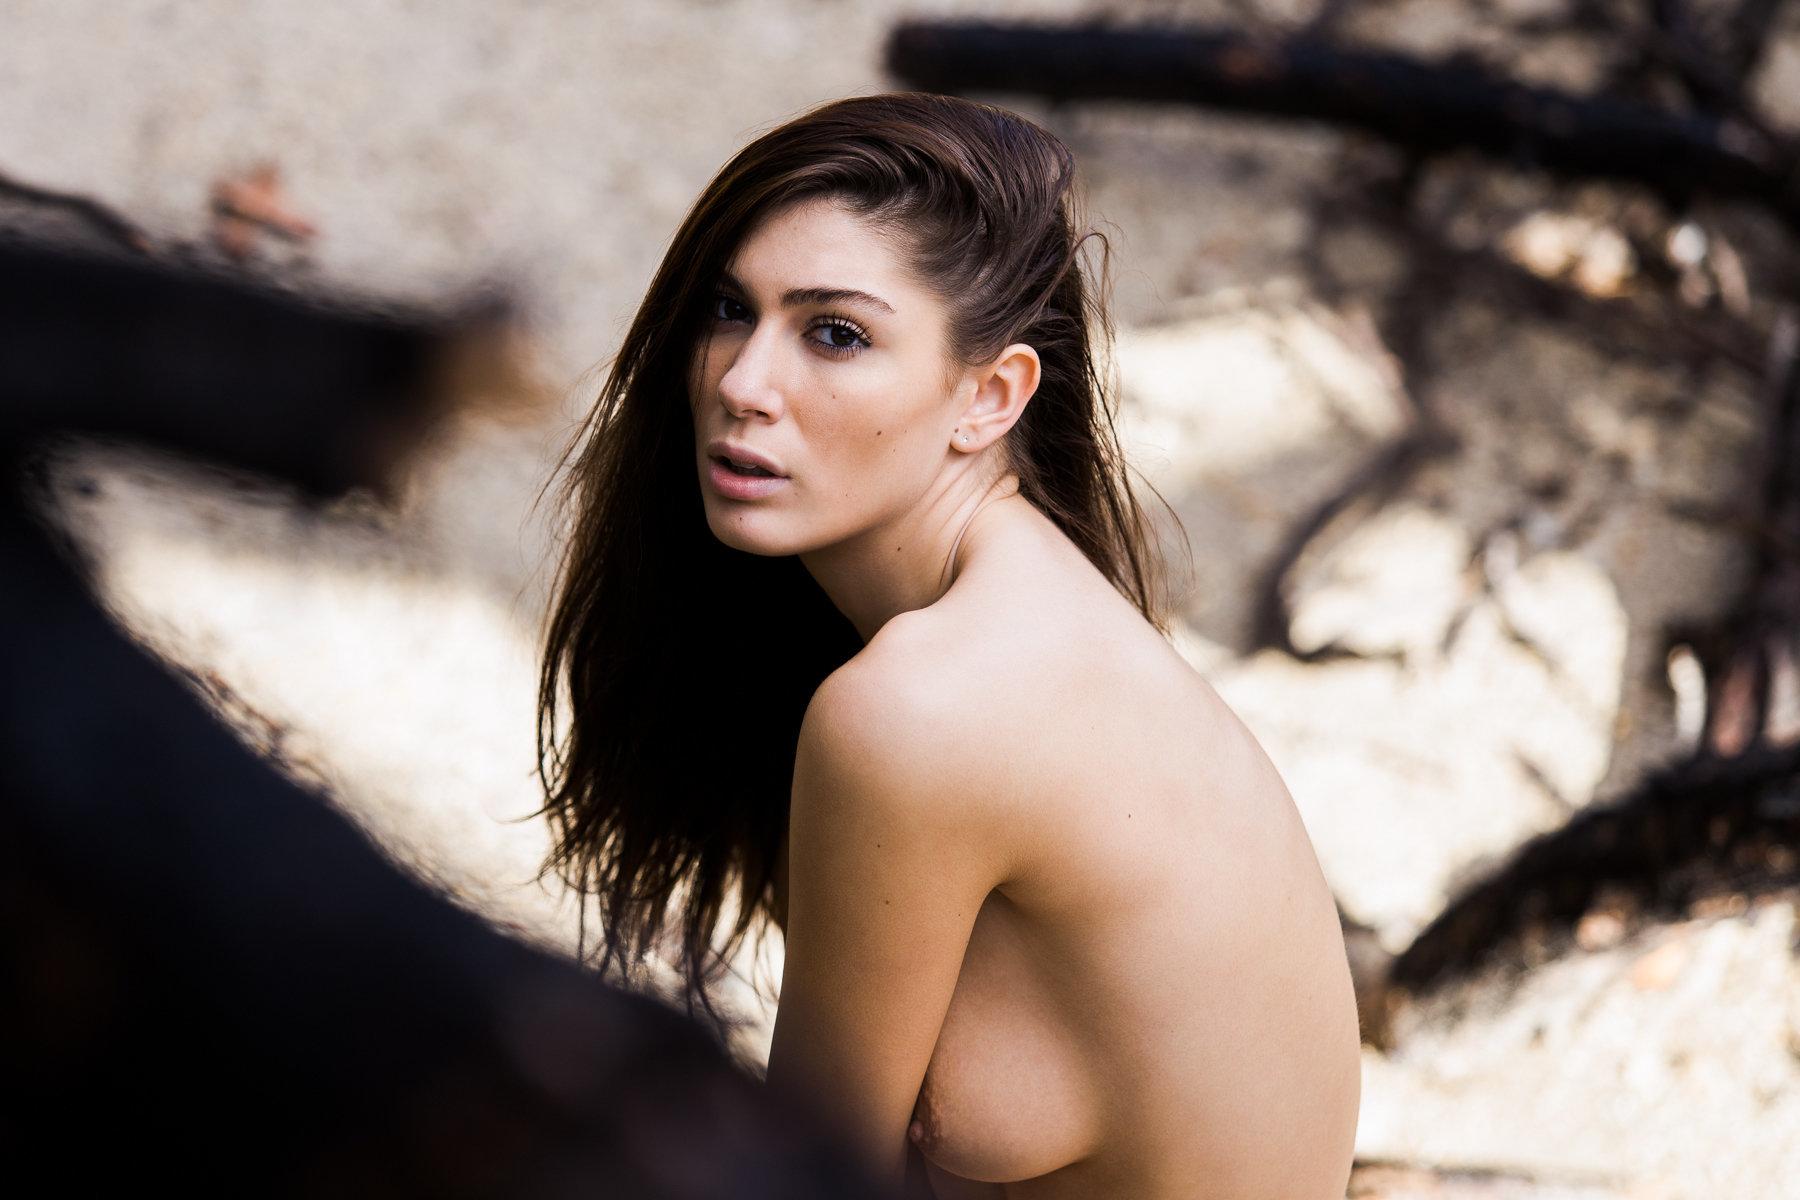 Simple beautiful nude women